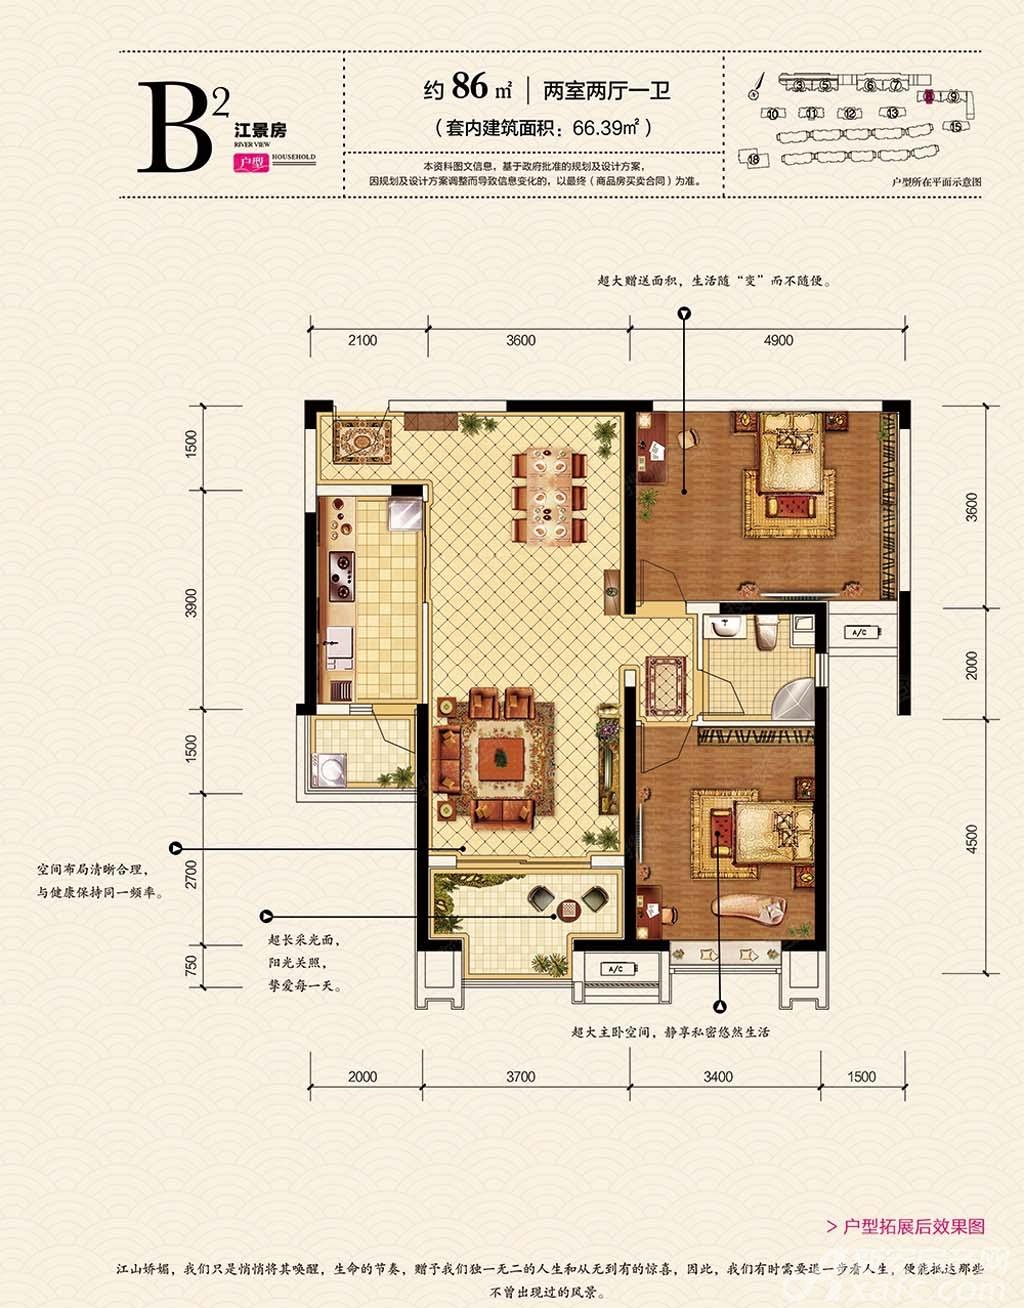 天都首郡8#楼B2户型江景房2室2厅86平米